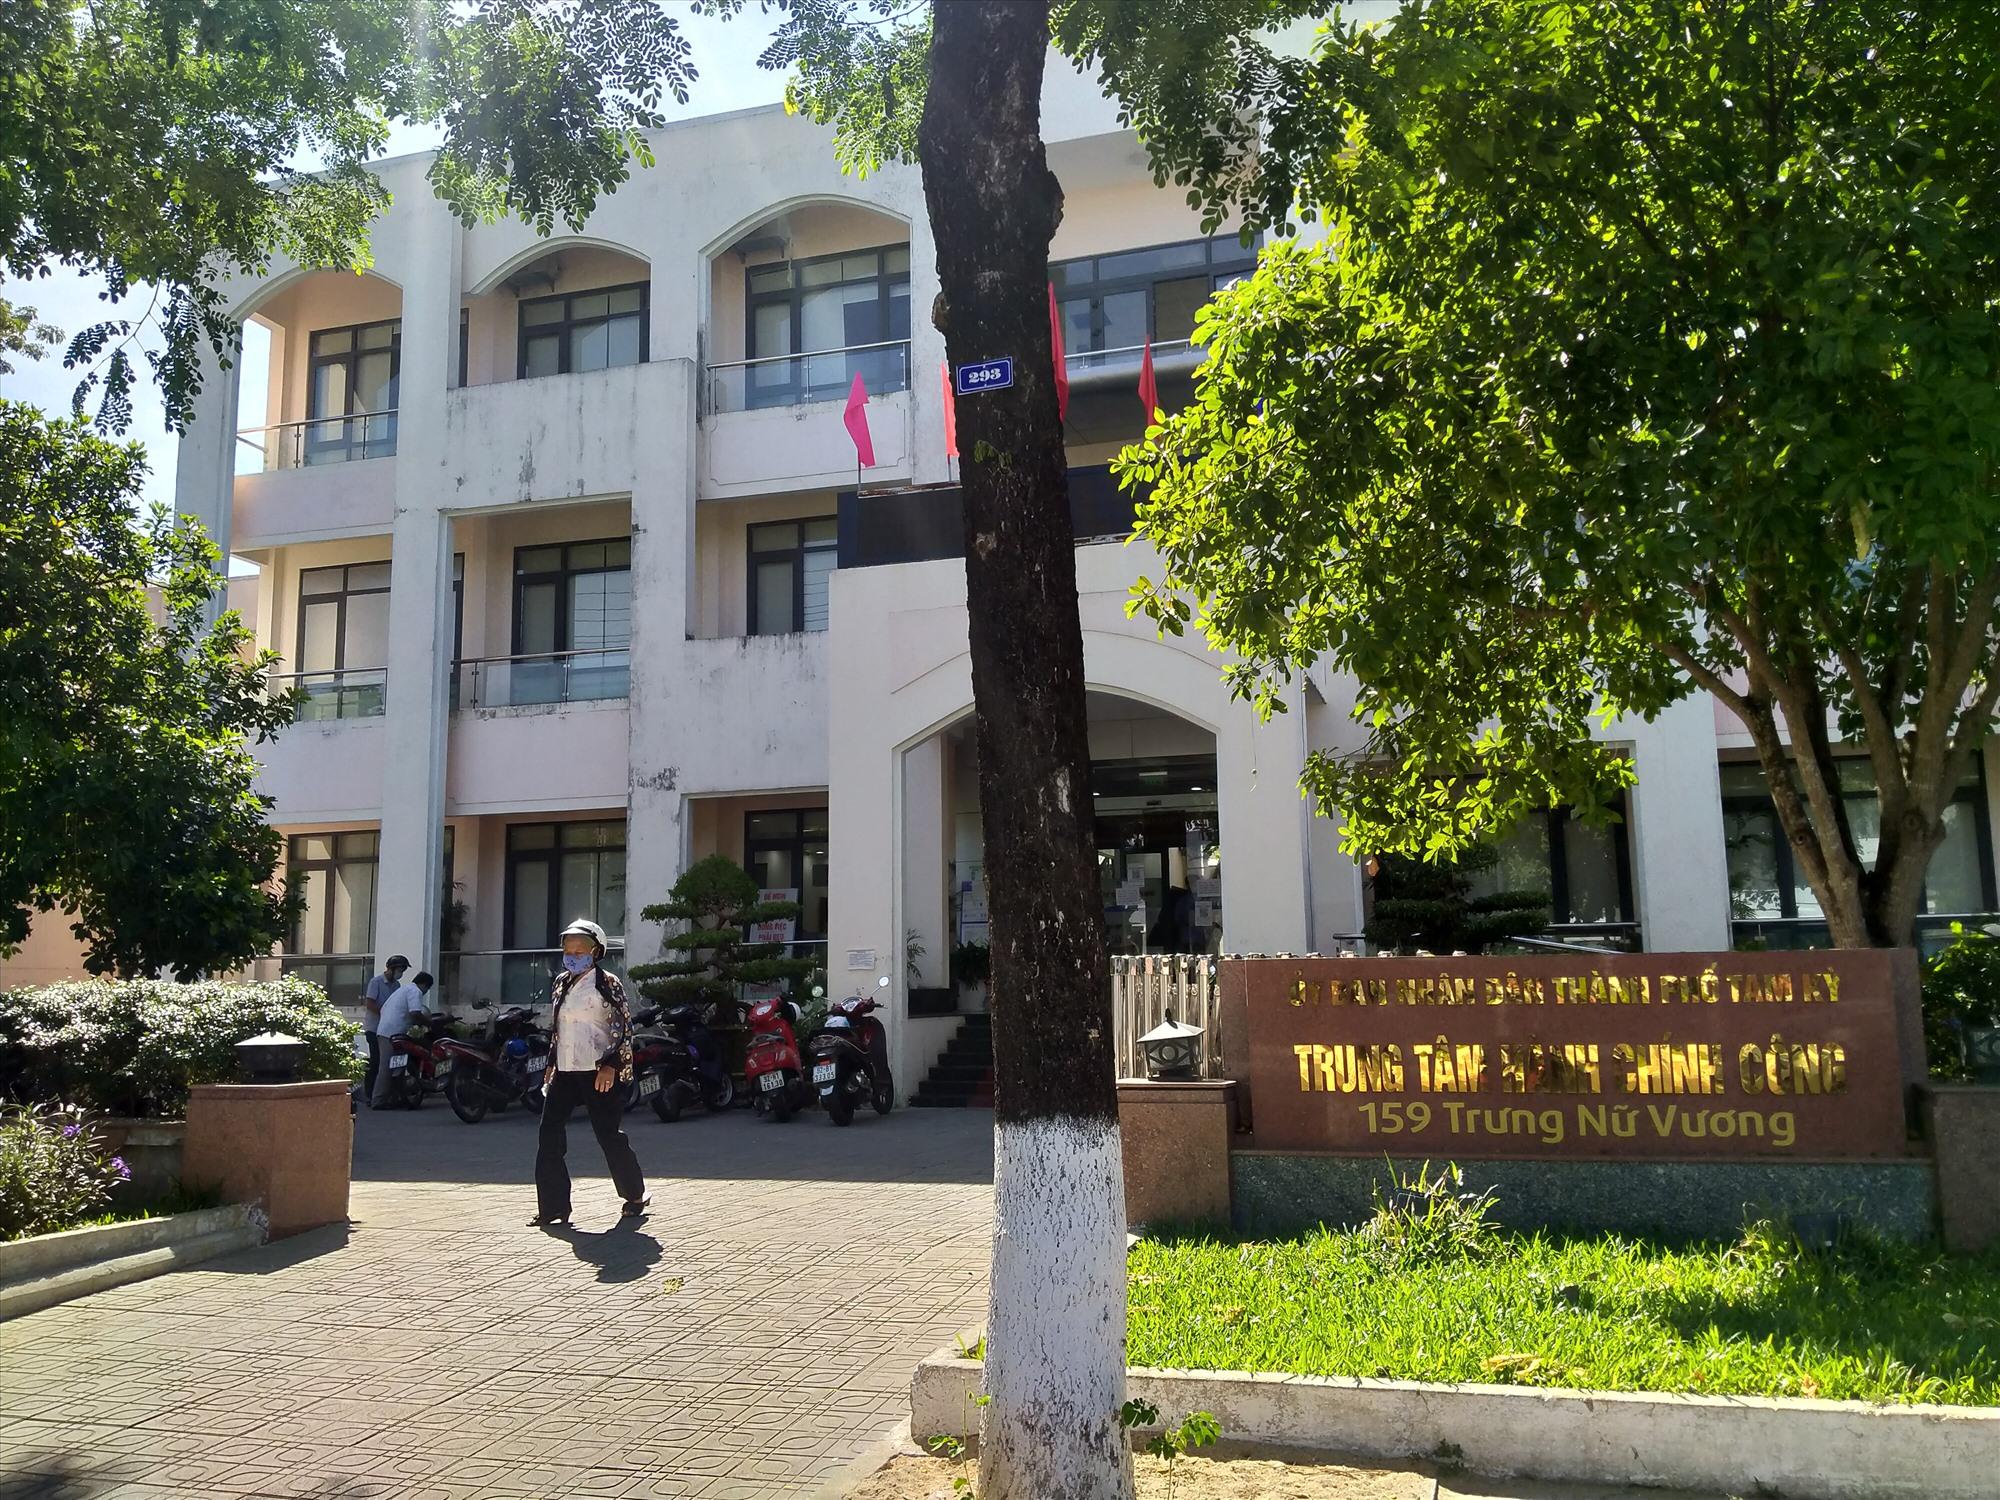 Trung tâm Hành chính công TP.Tam Kỳ đi vào hoạt động phục vụ tốt nhu cầu của người dân, tổ chức. Ảnh: N.Đ